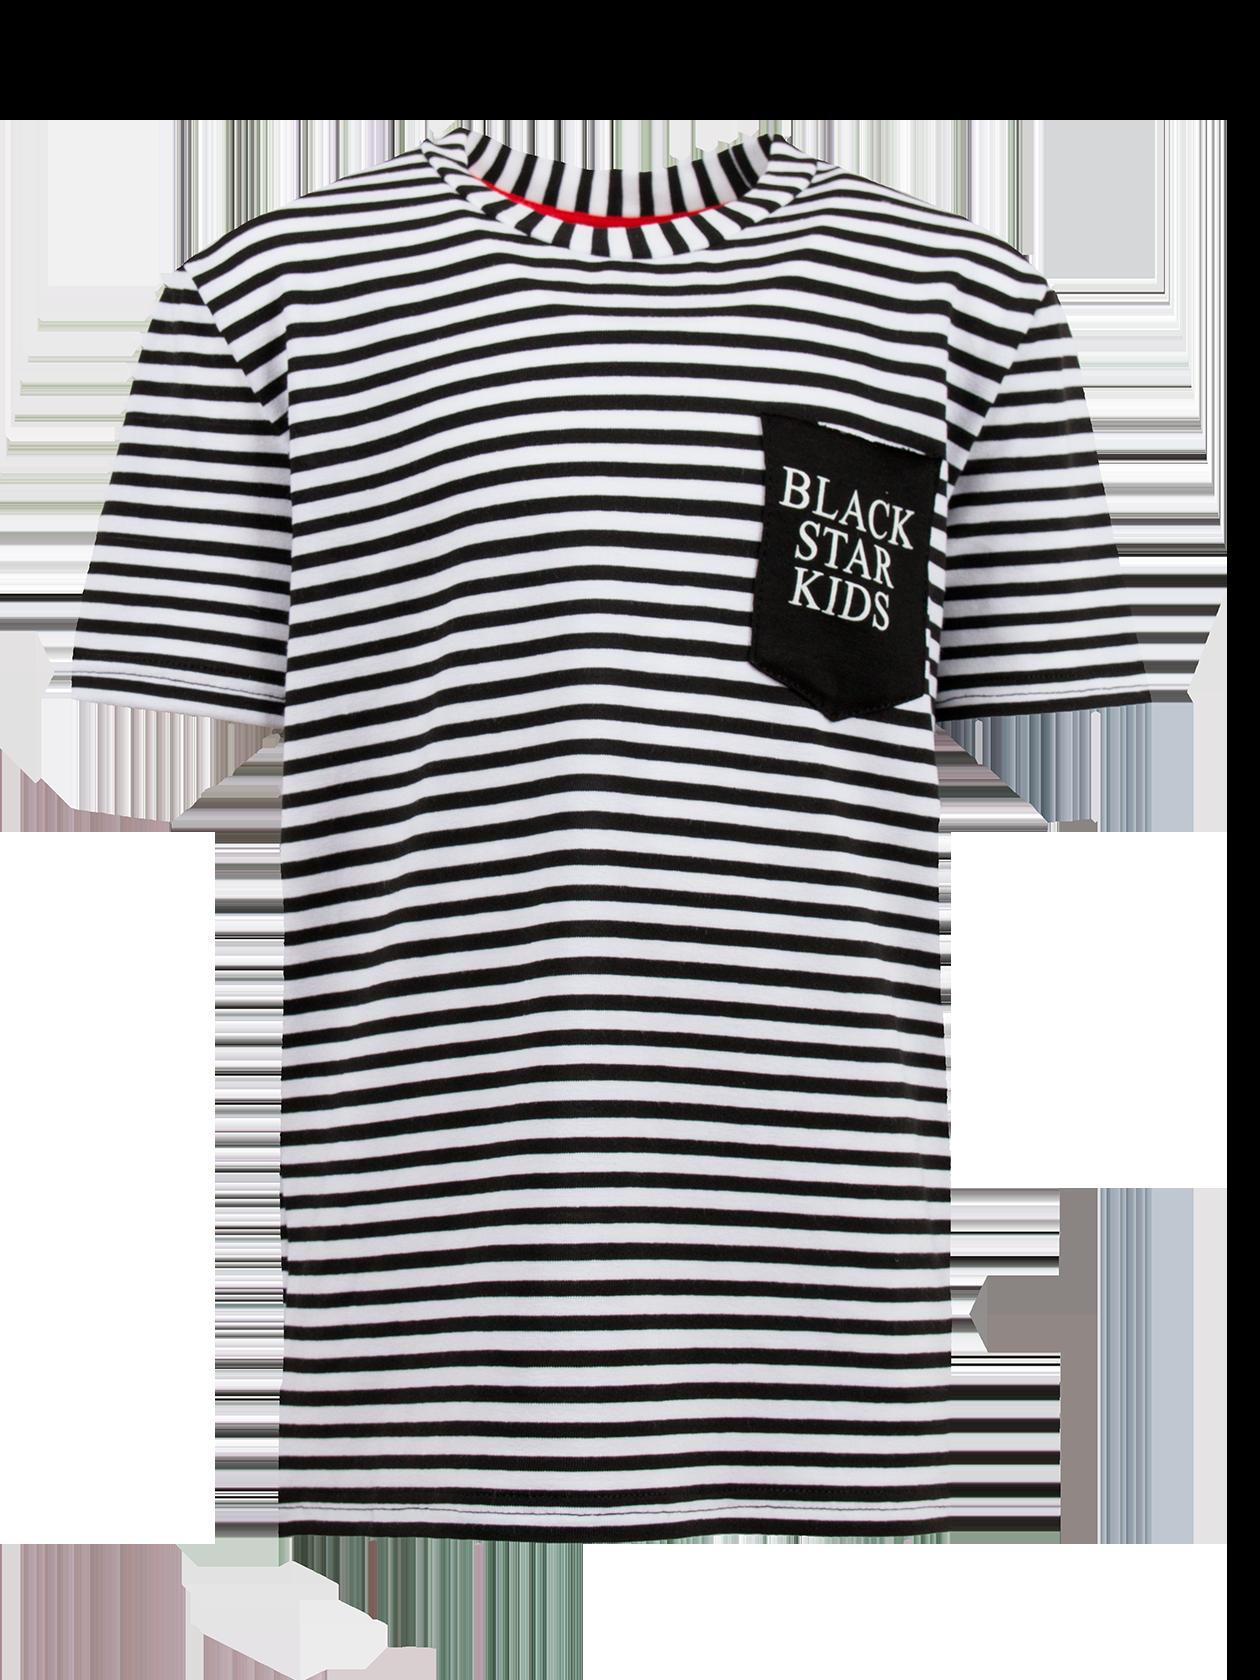 Футболка детская BLACK STAR KIDSСтильная футболка детская Black Star Kids идеально впишется в гардероб маленьких модников. Удлиненная модель прямого свободного силуэта с широким рукавом длиной почти до локтя. Округлая горловина с красным жаккардовым лейблом внутри оформлена широко окантовкой из основного материала. Популярная расцветка в черно-белую полоску придаст образу выразительности. На груди накладной черный карман с надписью Black Star Kids, на спине крупная цифра 13. Футболка детская сшита из натурального дышащего хлопка, обеспечивающего комфорт каждого движения.<br><br>Размер: 7 years<br>Цвет: Синий/Белый<br>Пол: Унисекс